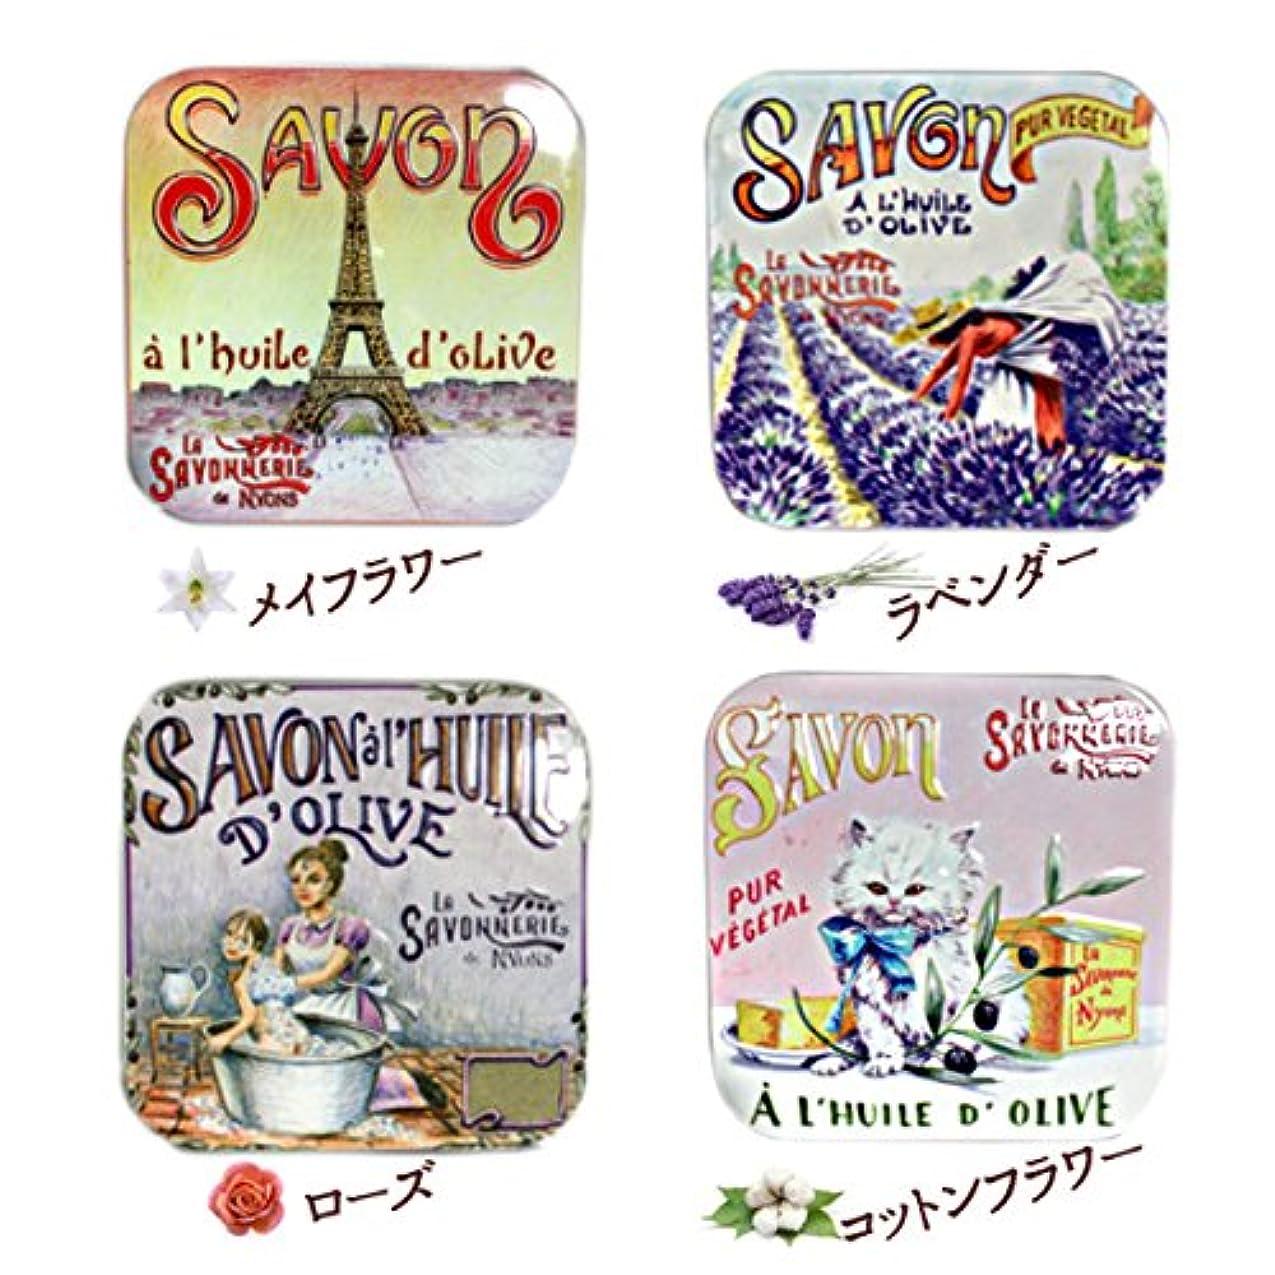 編集するオズワルド申請者ラサボネリー アンティーク缶入り石鹸 タイプ100 95g (ローズ)